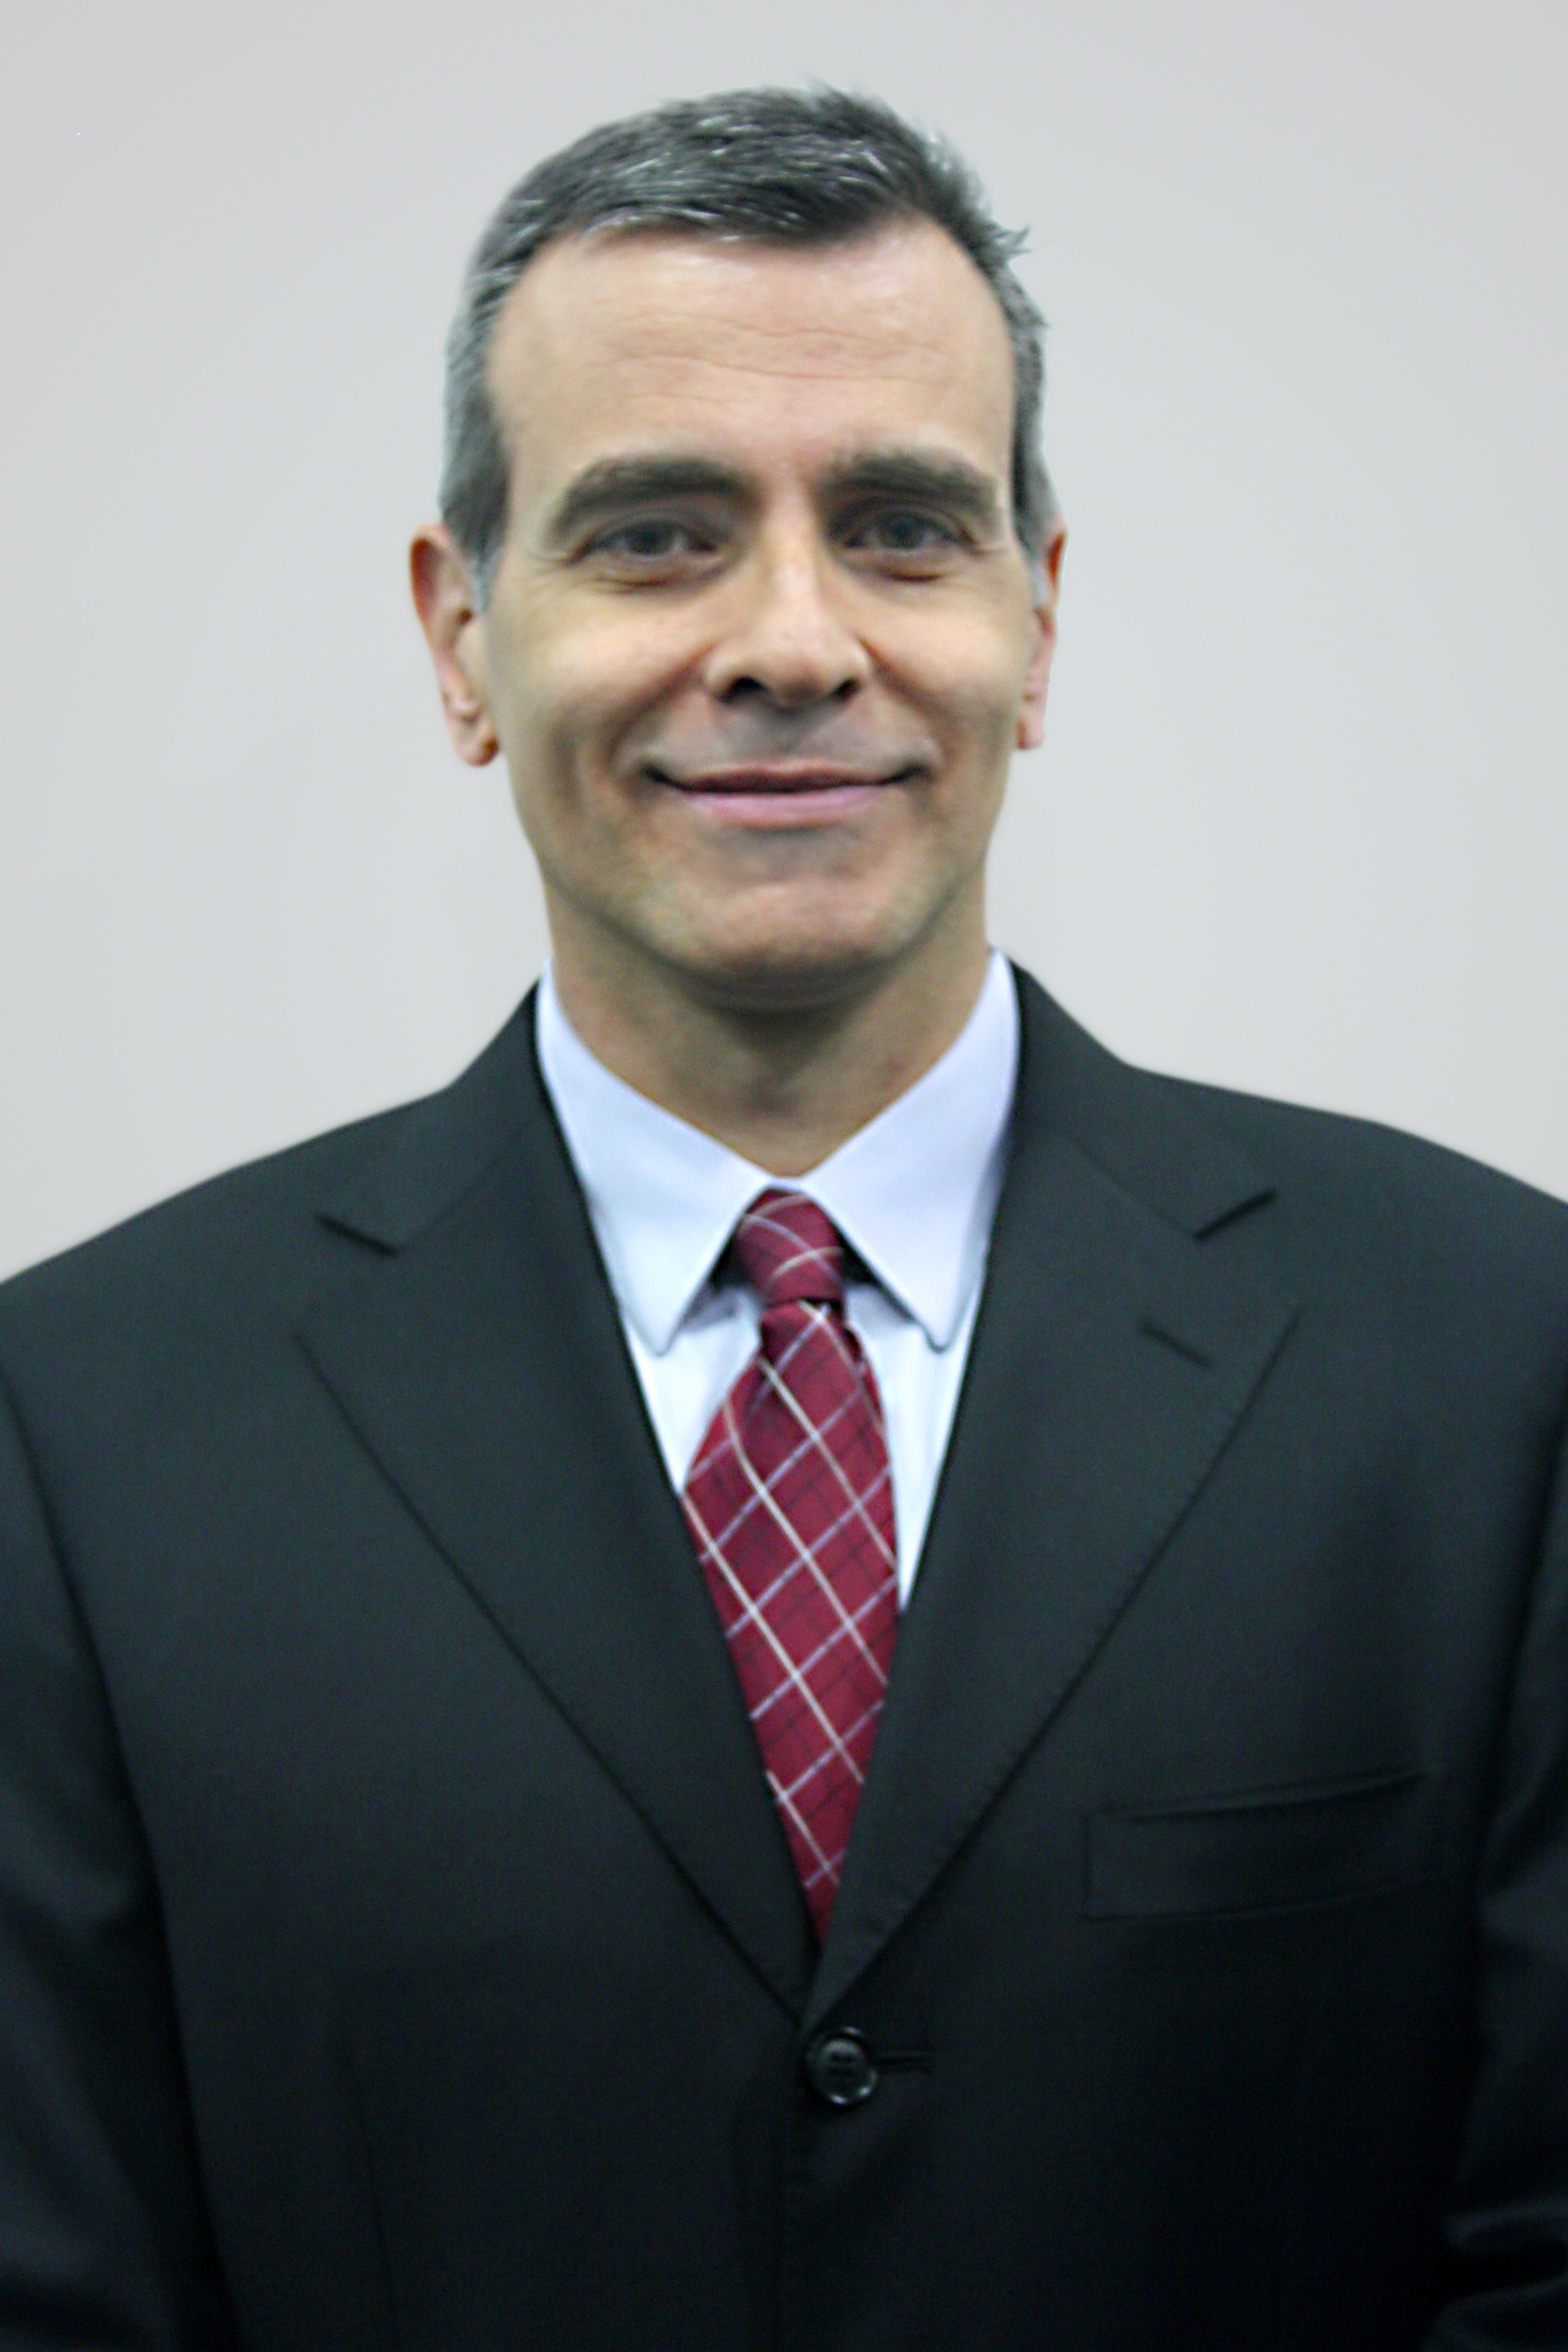 Jack Latchinian